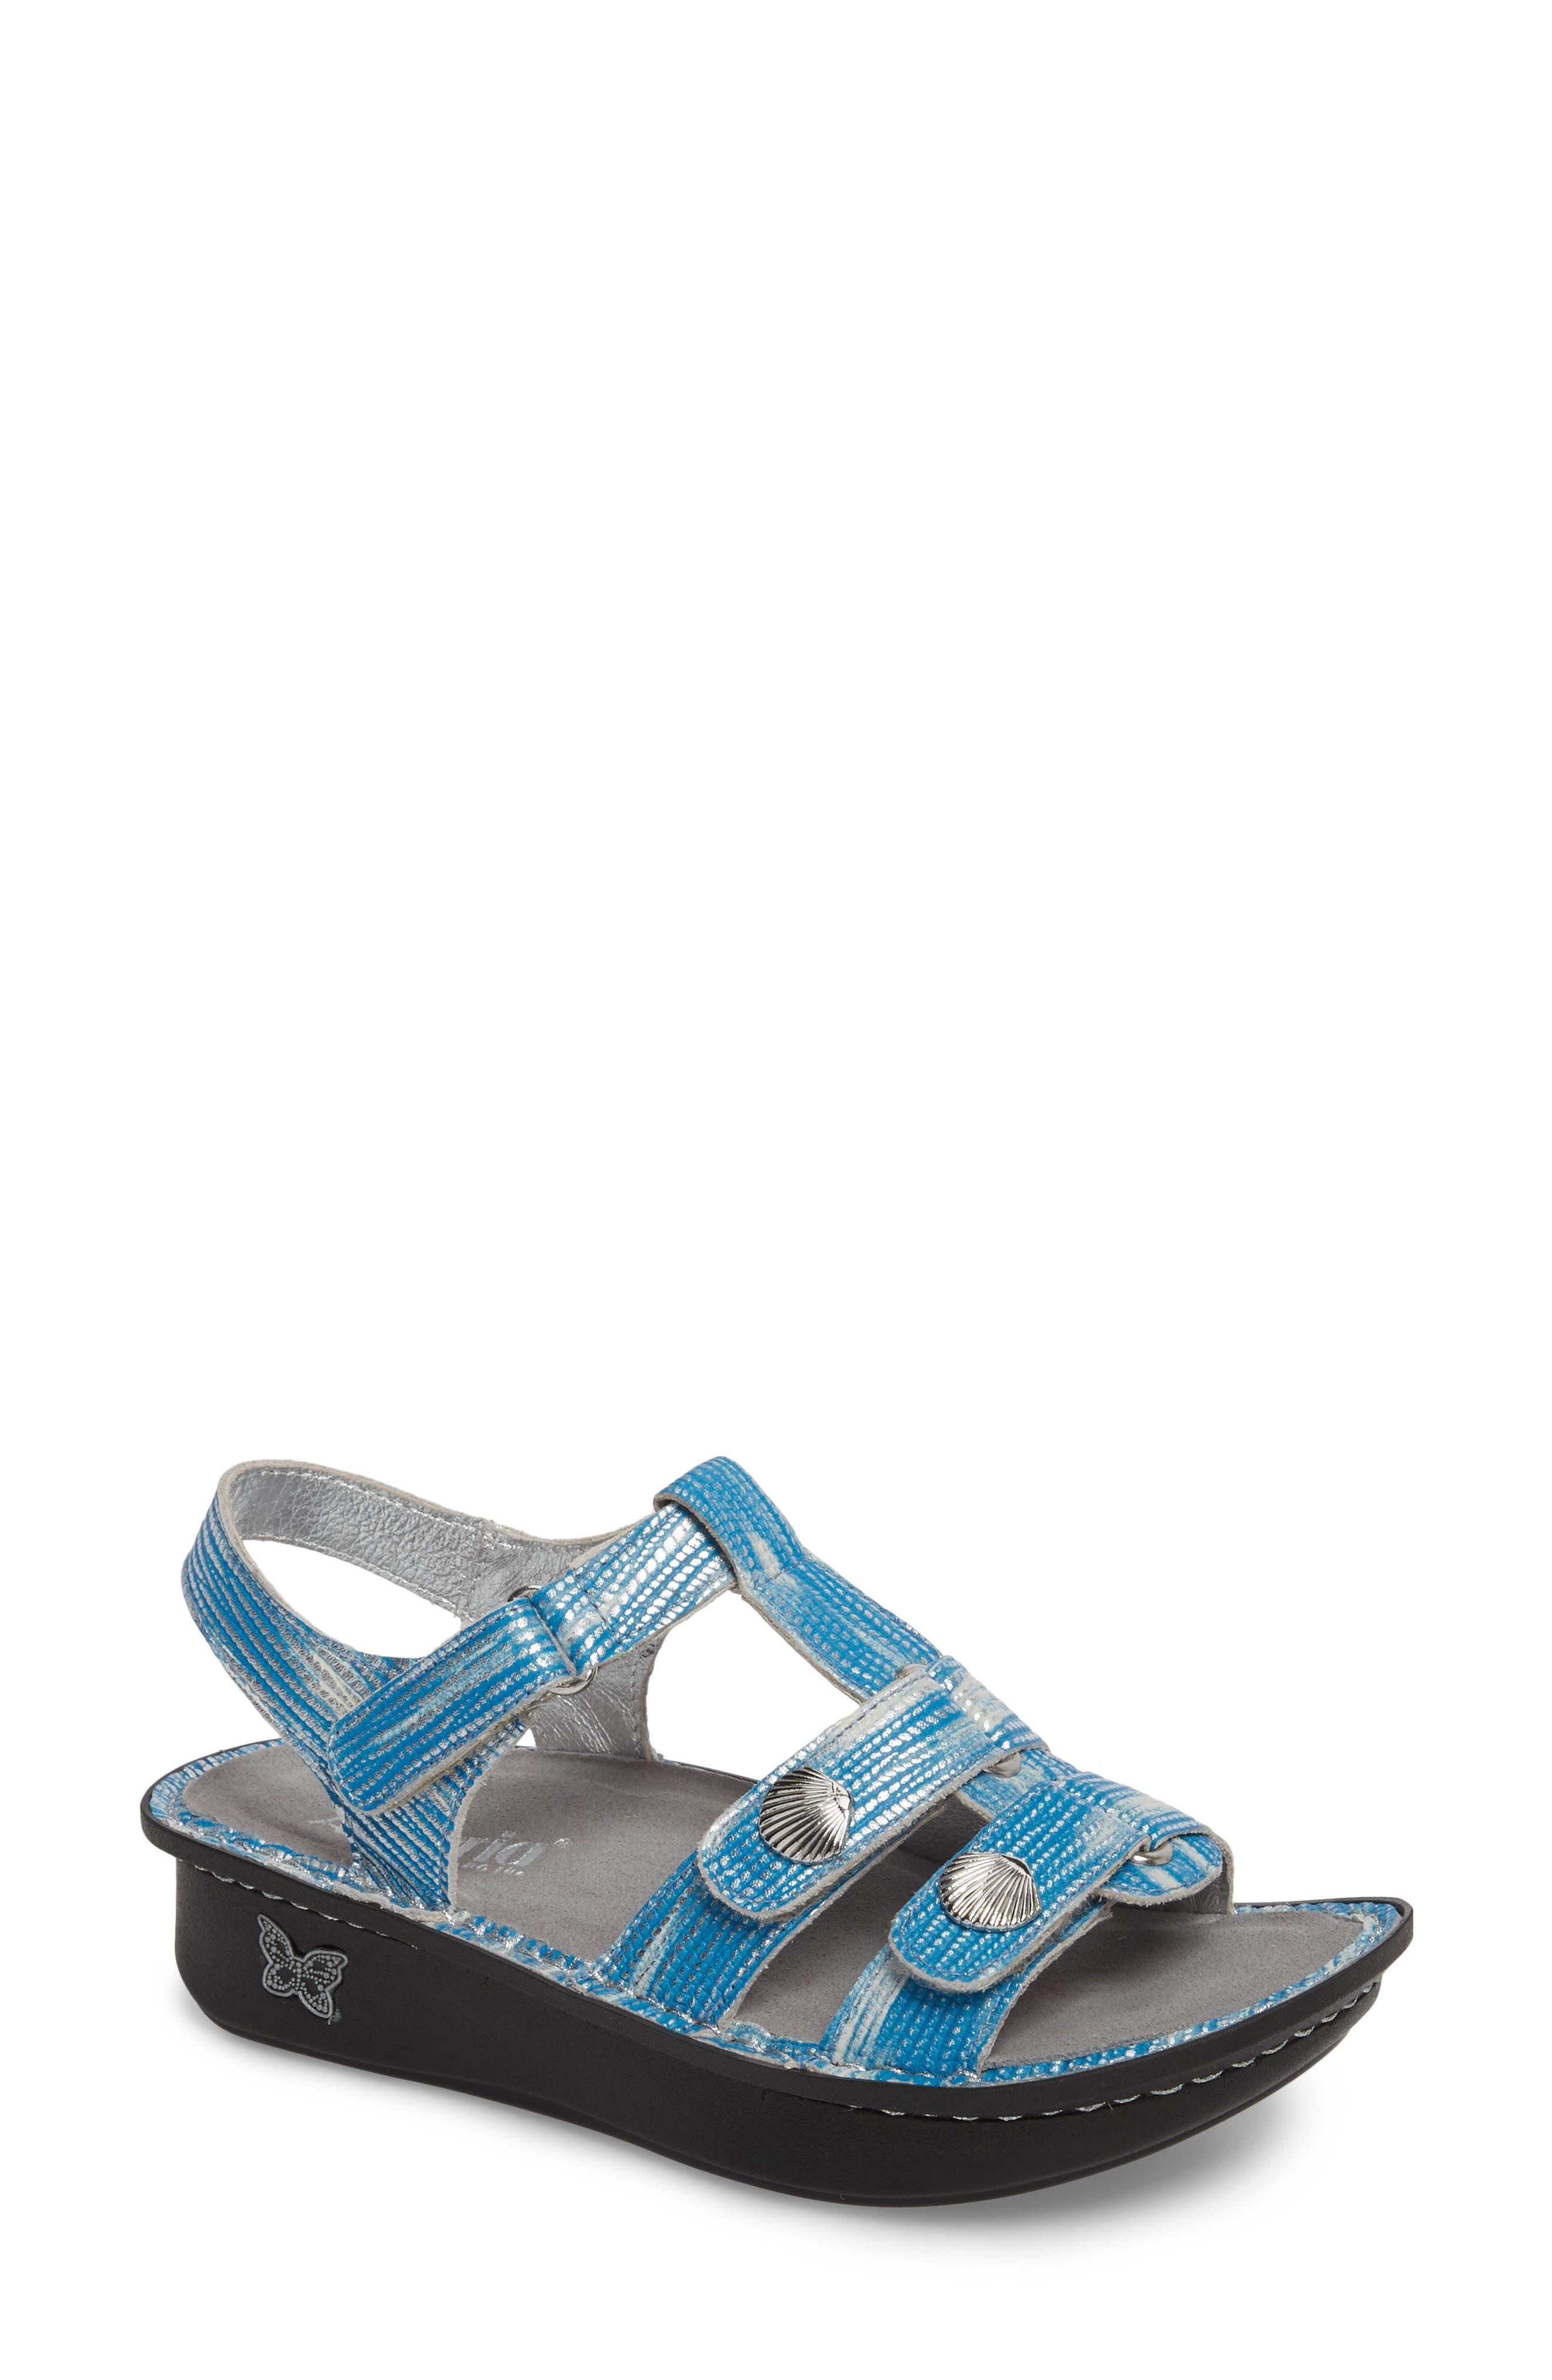 Alegria 'Kleo' Sandal